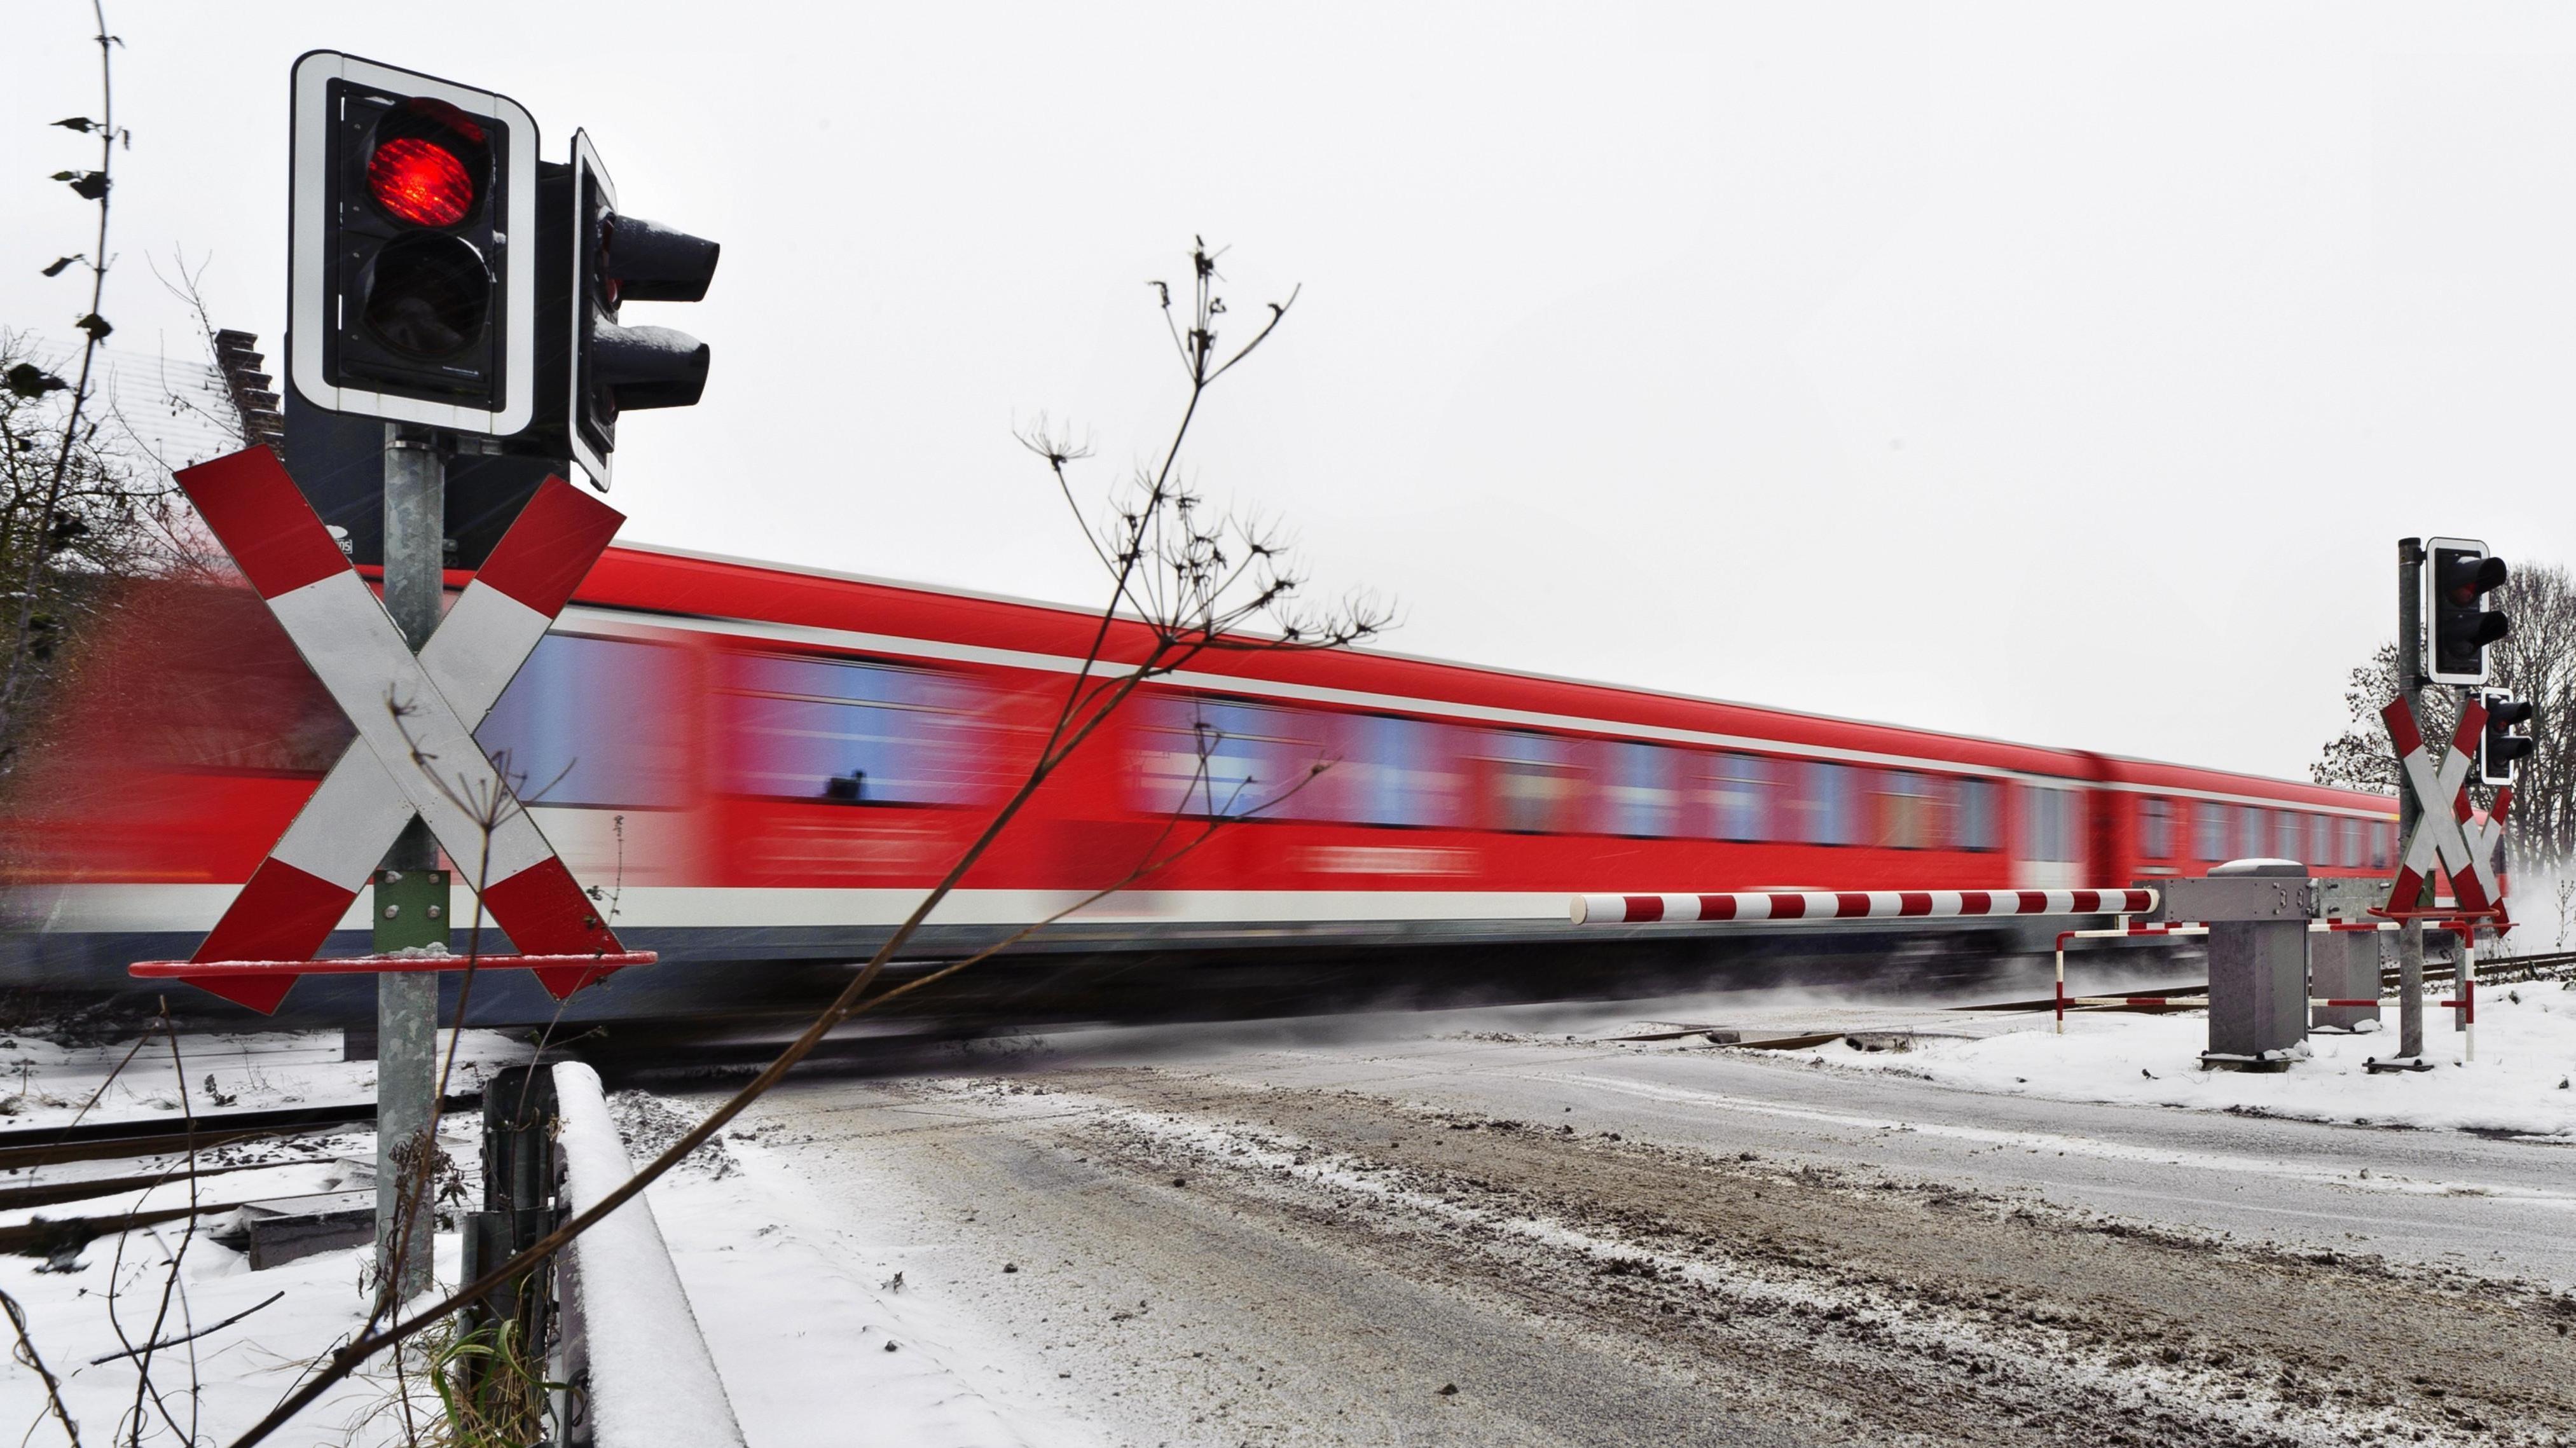 Personenzug passiert einen Bahnübergang im Winter